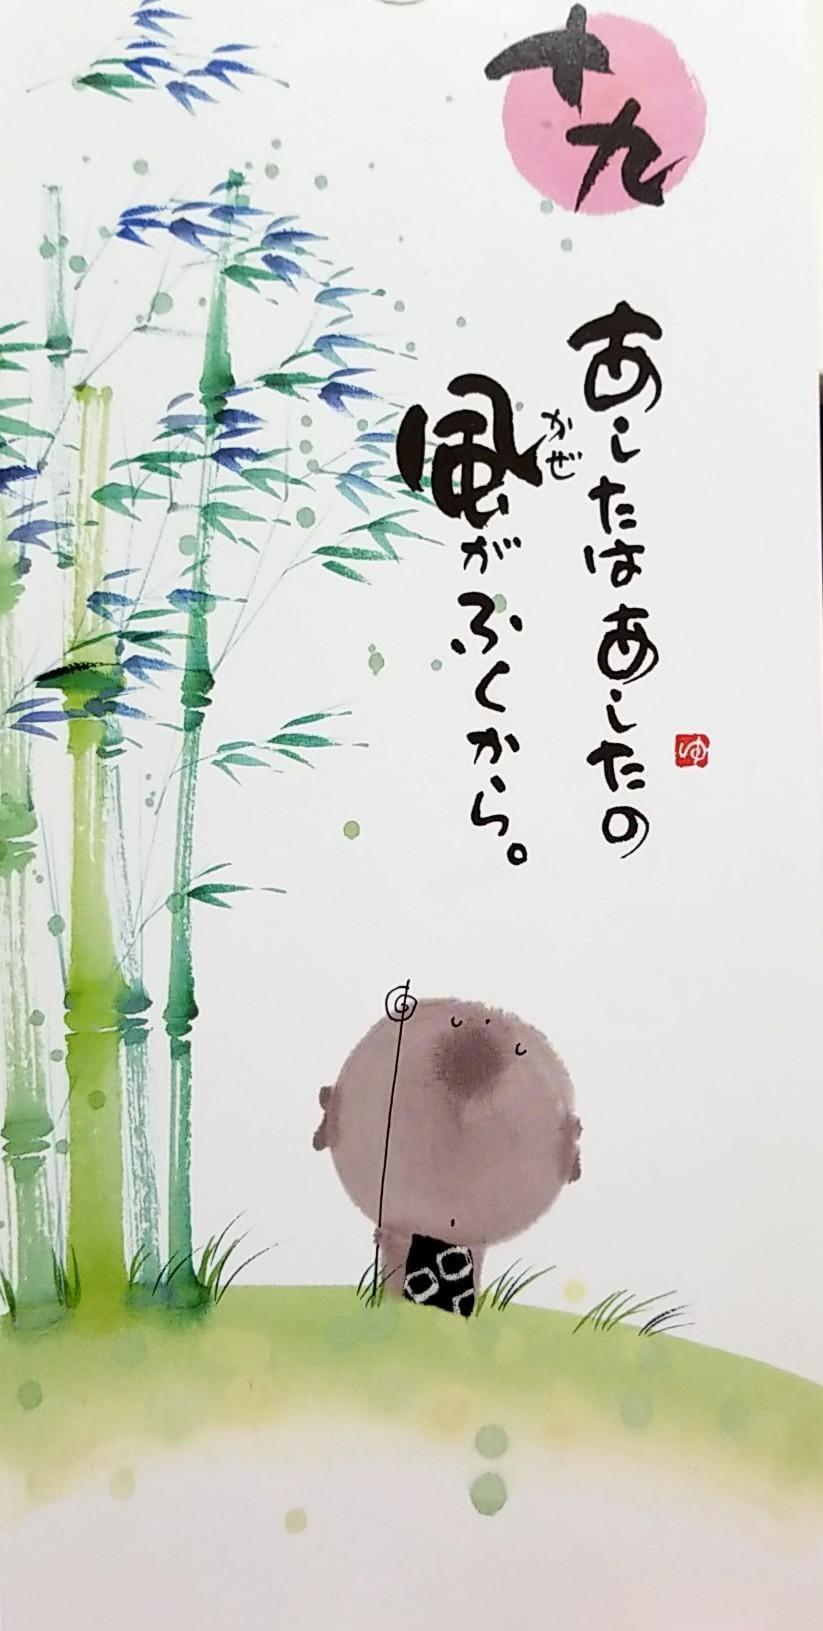 智里(ちさと)「おはようございます!」06/19(火) 08:57 | 智里(ちさと)の写メ・風俗動画